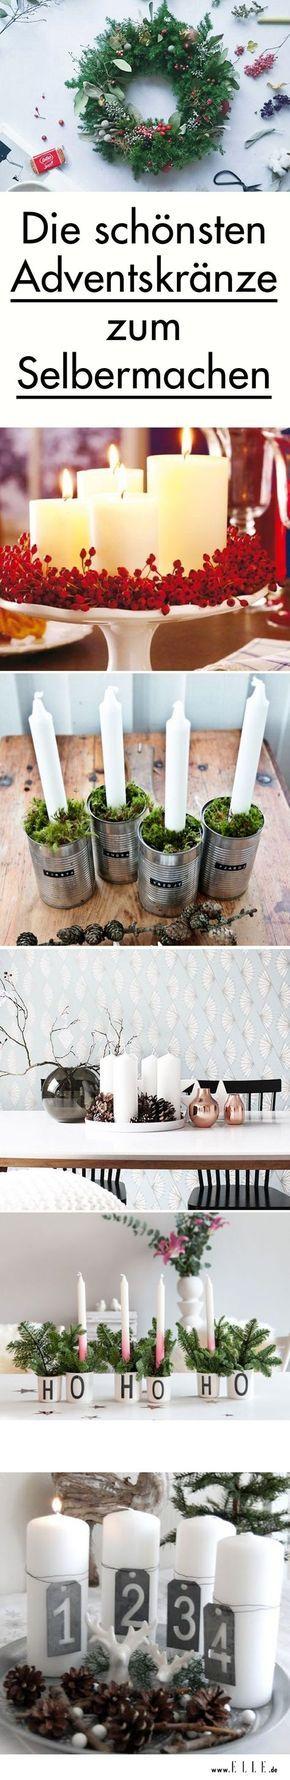 Ihr habt genug von langweiligen Adventskränzen aus dem Blumenladen und wollt lieber einen ganz nach eurem Geschmack? Wir haben die schönsten DIY-Ideen von Pinterest für euch gesammelt!